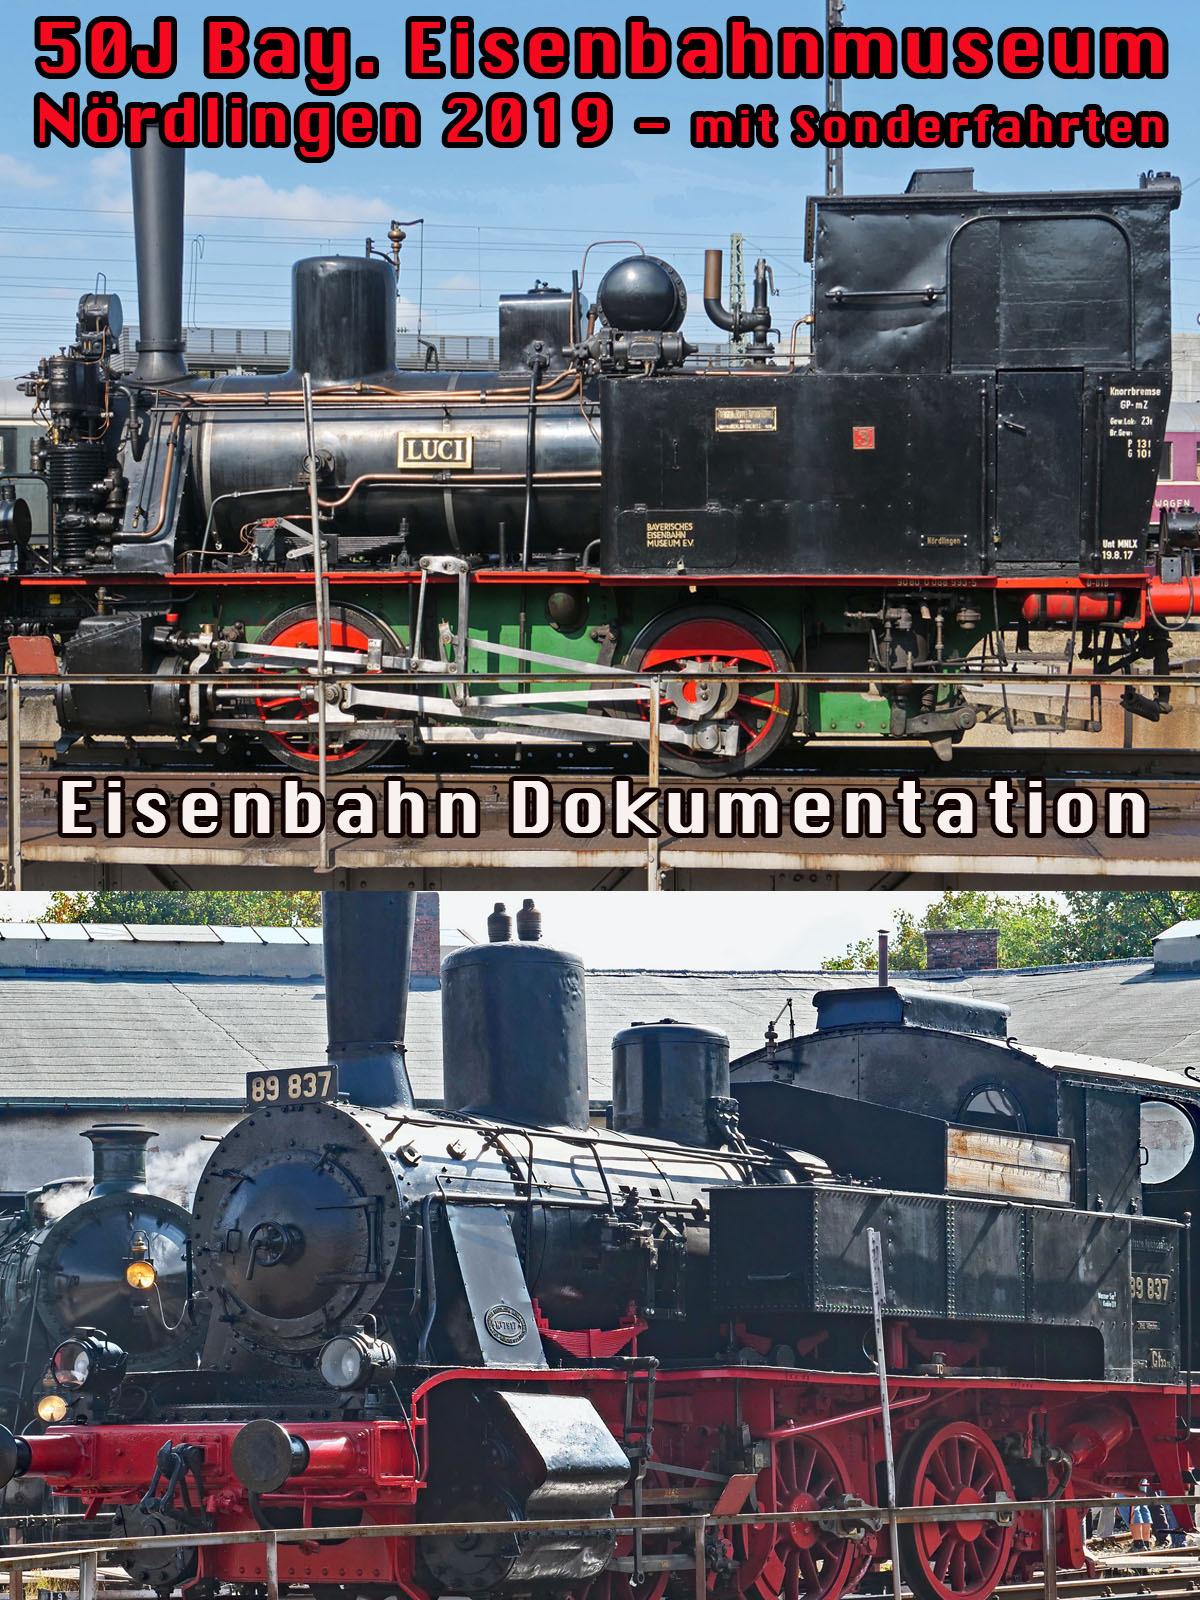 Eisenbahn Dokumentation: 50 Jahre Bayerisches Eisenbahn Museum Nördlingen mit Sonderfahrten